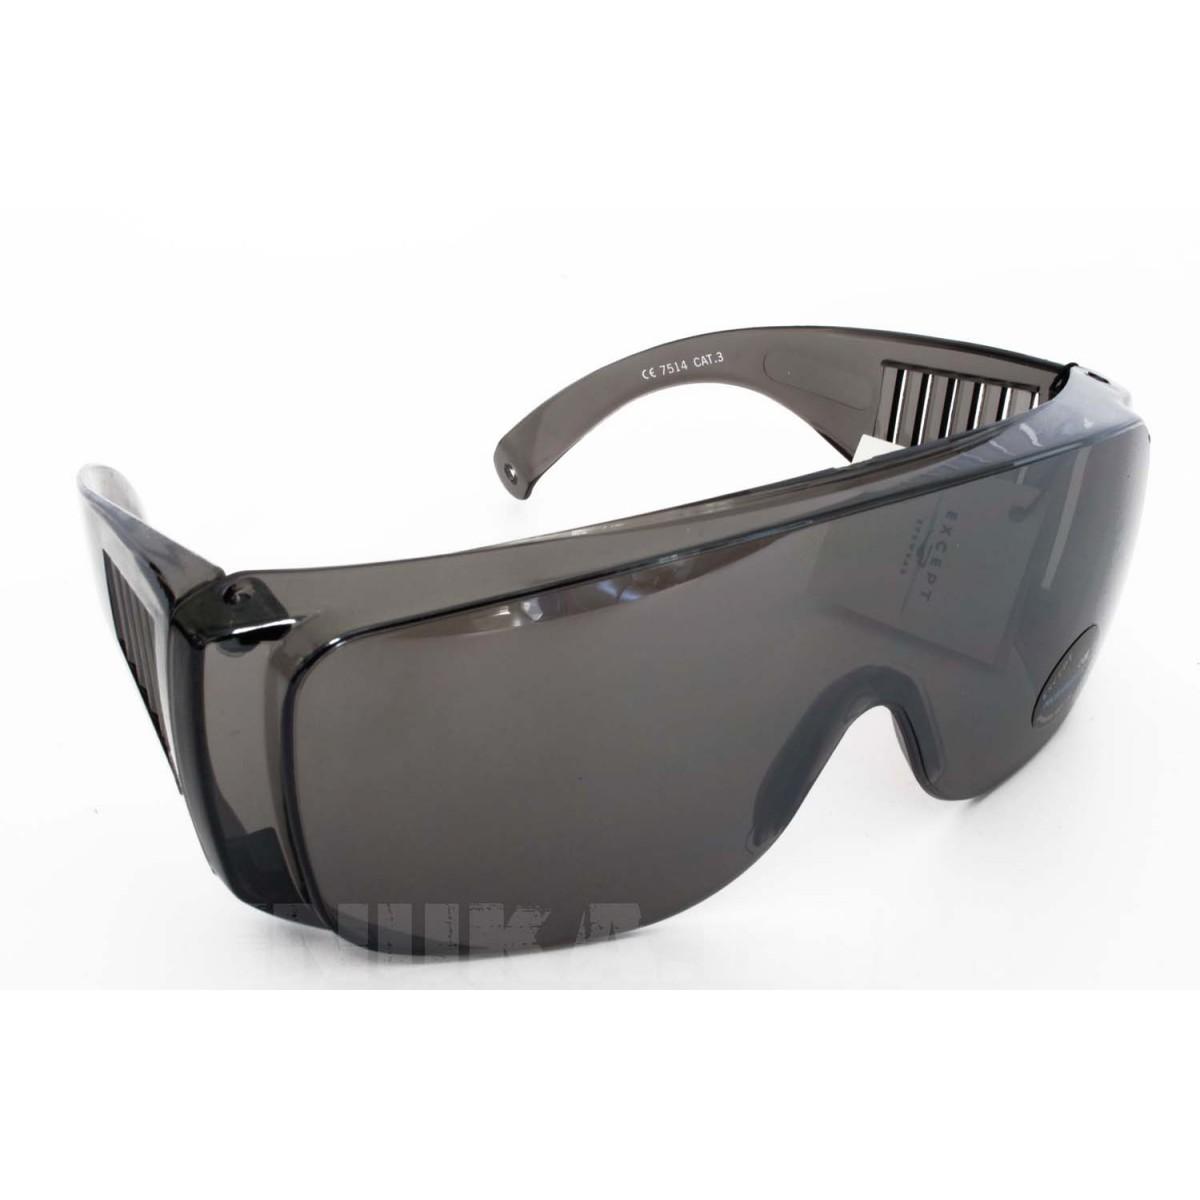 surlunettes de soleil pour porteur de lunettes de vue surlunettes de soleil inuka. Black Bedroom Furniture Sets. Home Design Ideas